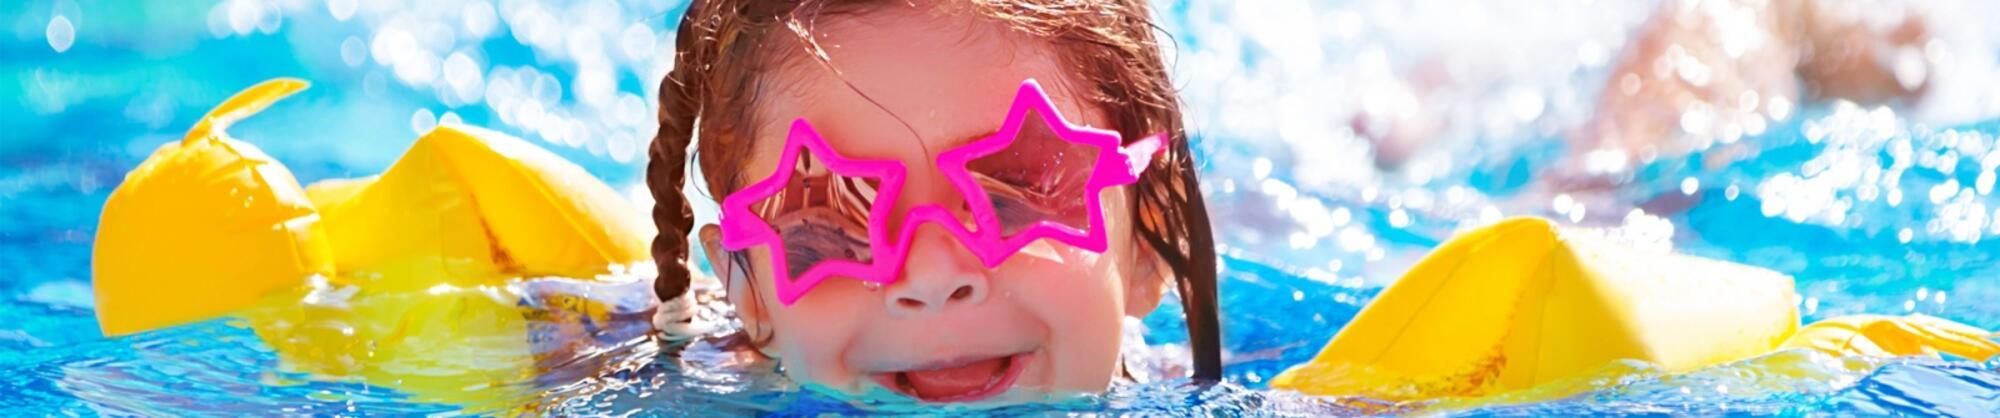 Offer Ferragosto in Rimini: all-inclusive holiday in 3 star hotel